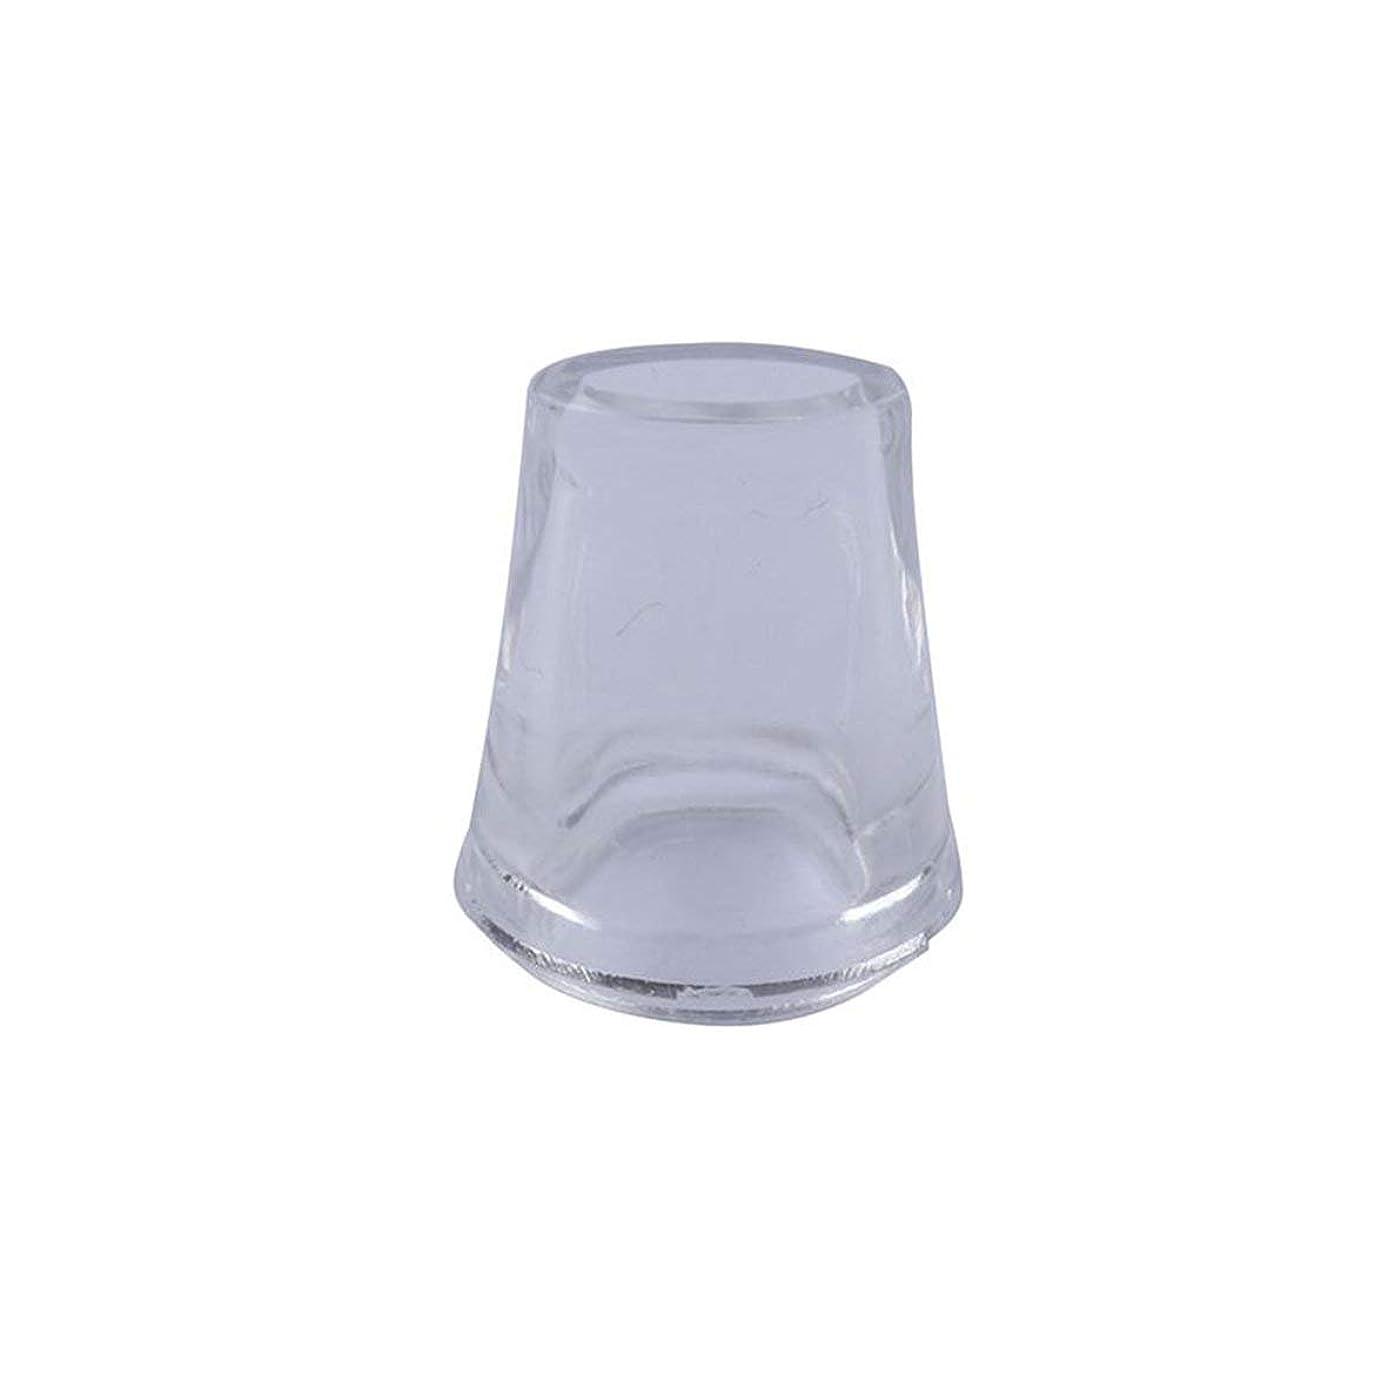 酸化物ビール一時停止Blackfell アルコールテスターマウスピースデジタル息アルコールテスター息抜き器マウスピース吹くノズル用キーホルダー